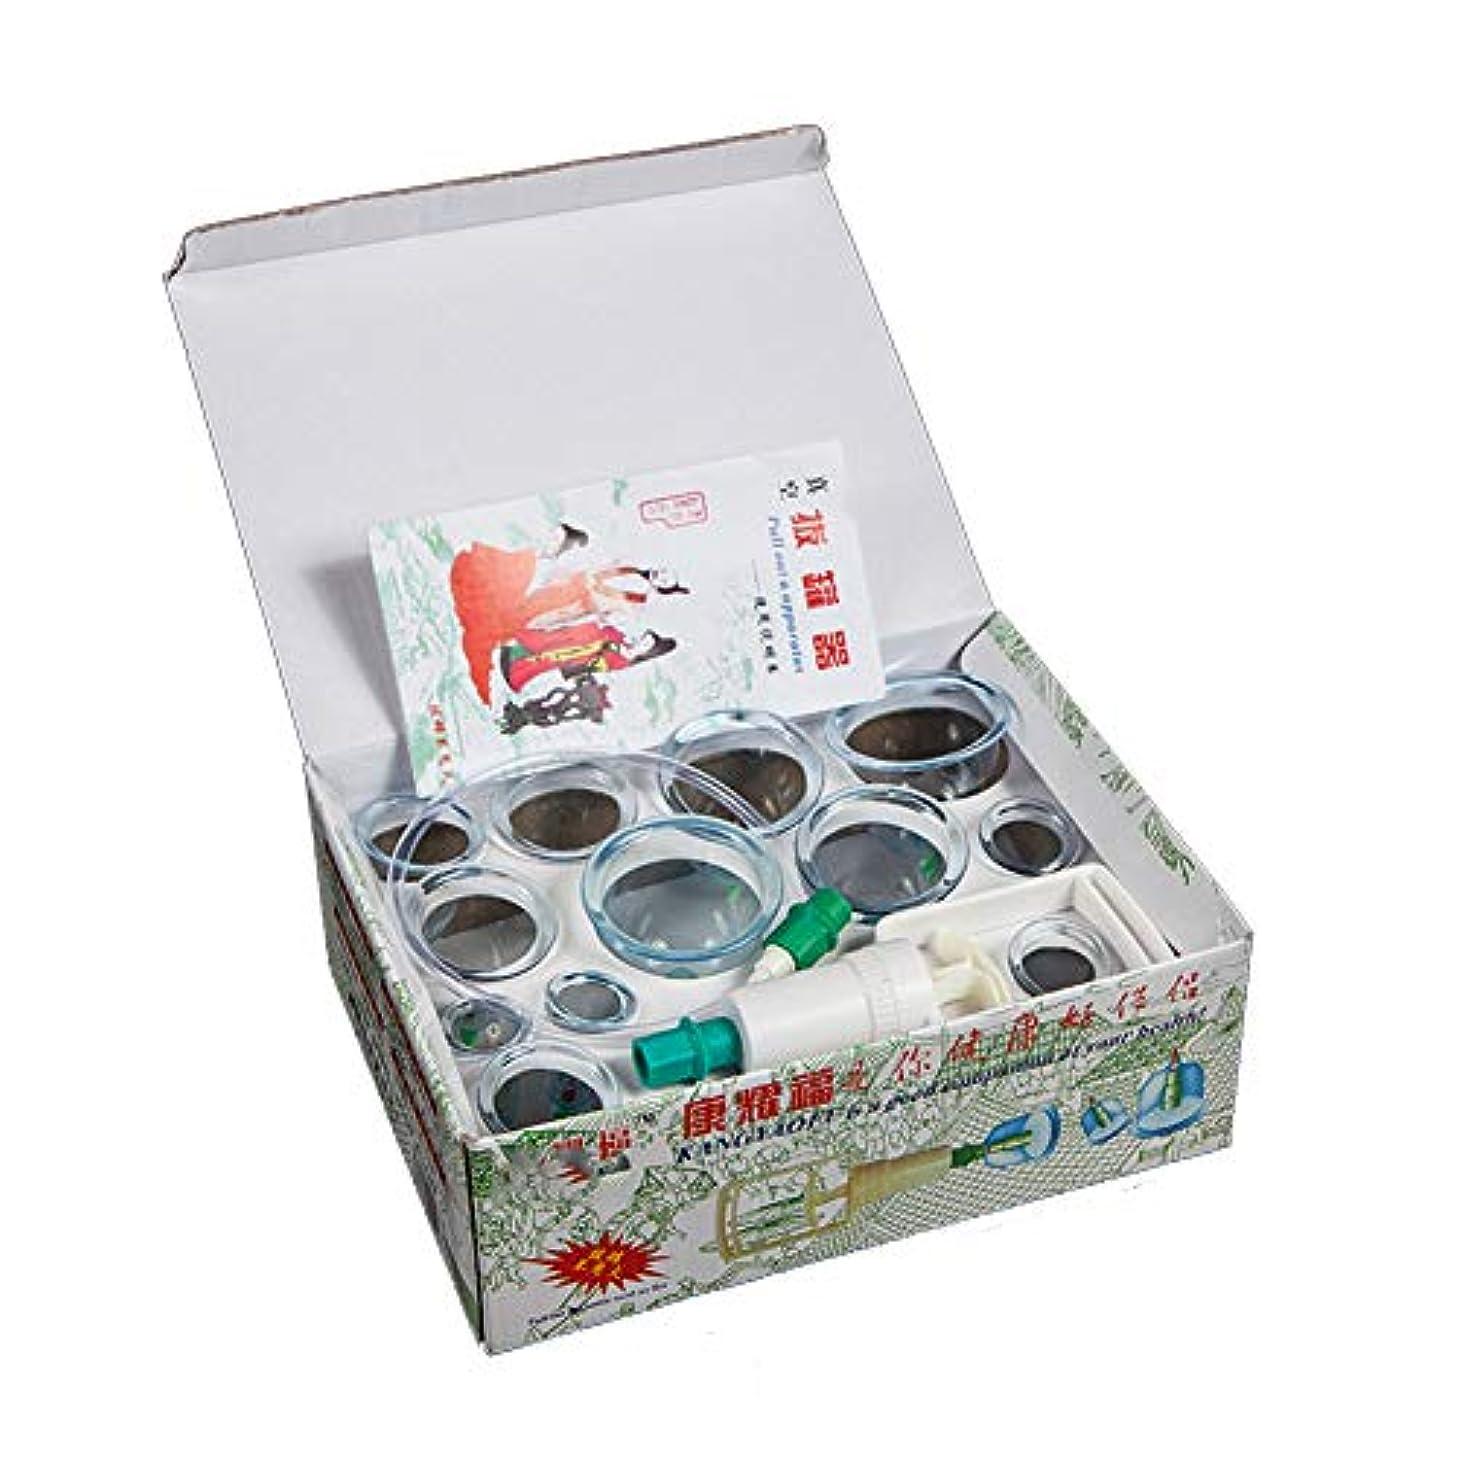 顎電話ユダヤ人12カップカッピングセットプラスチック、真空吸引生体磁気中国ツボ療法、ポンプ付きの家、ボディマッサージ痛み緩和理学療法排泄毒素